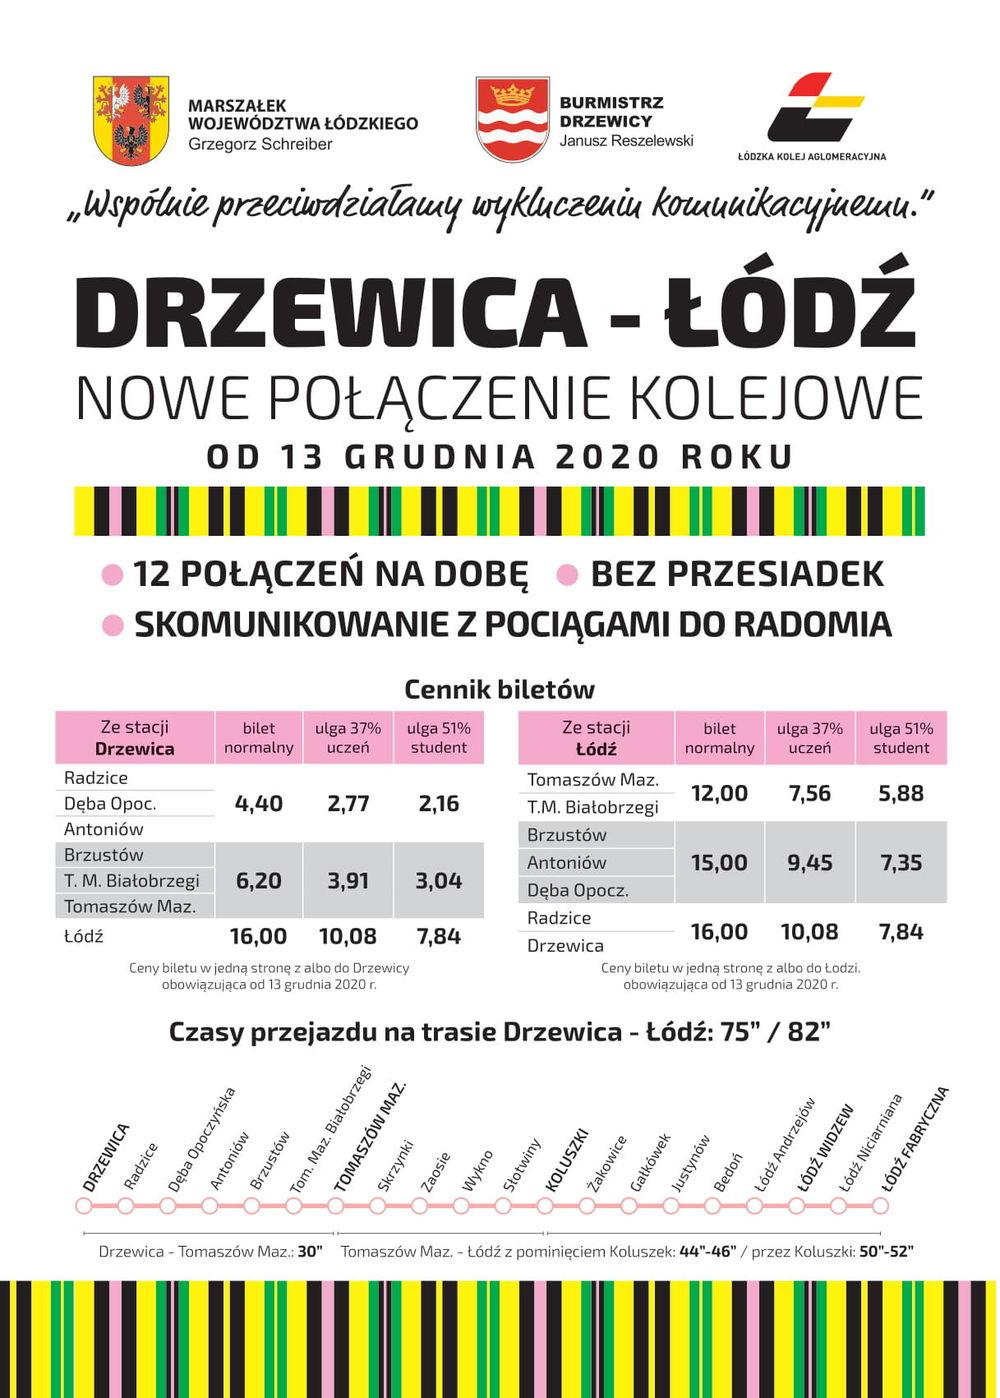 nowe połączenie kolejowe Łódź-Drzewica - ulotka